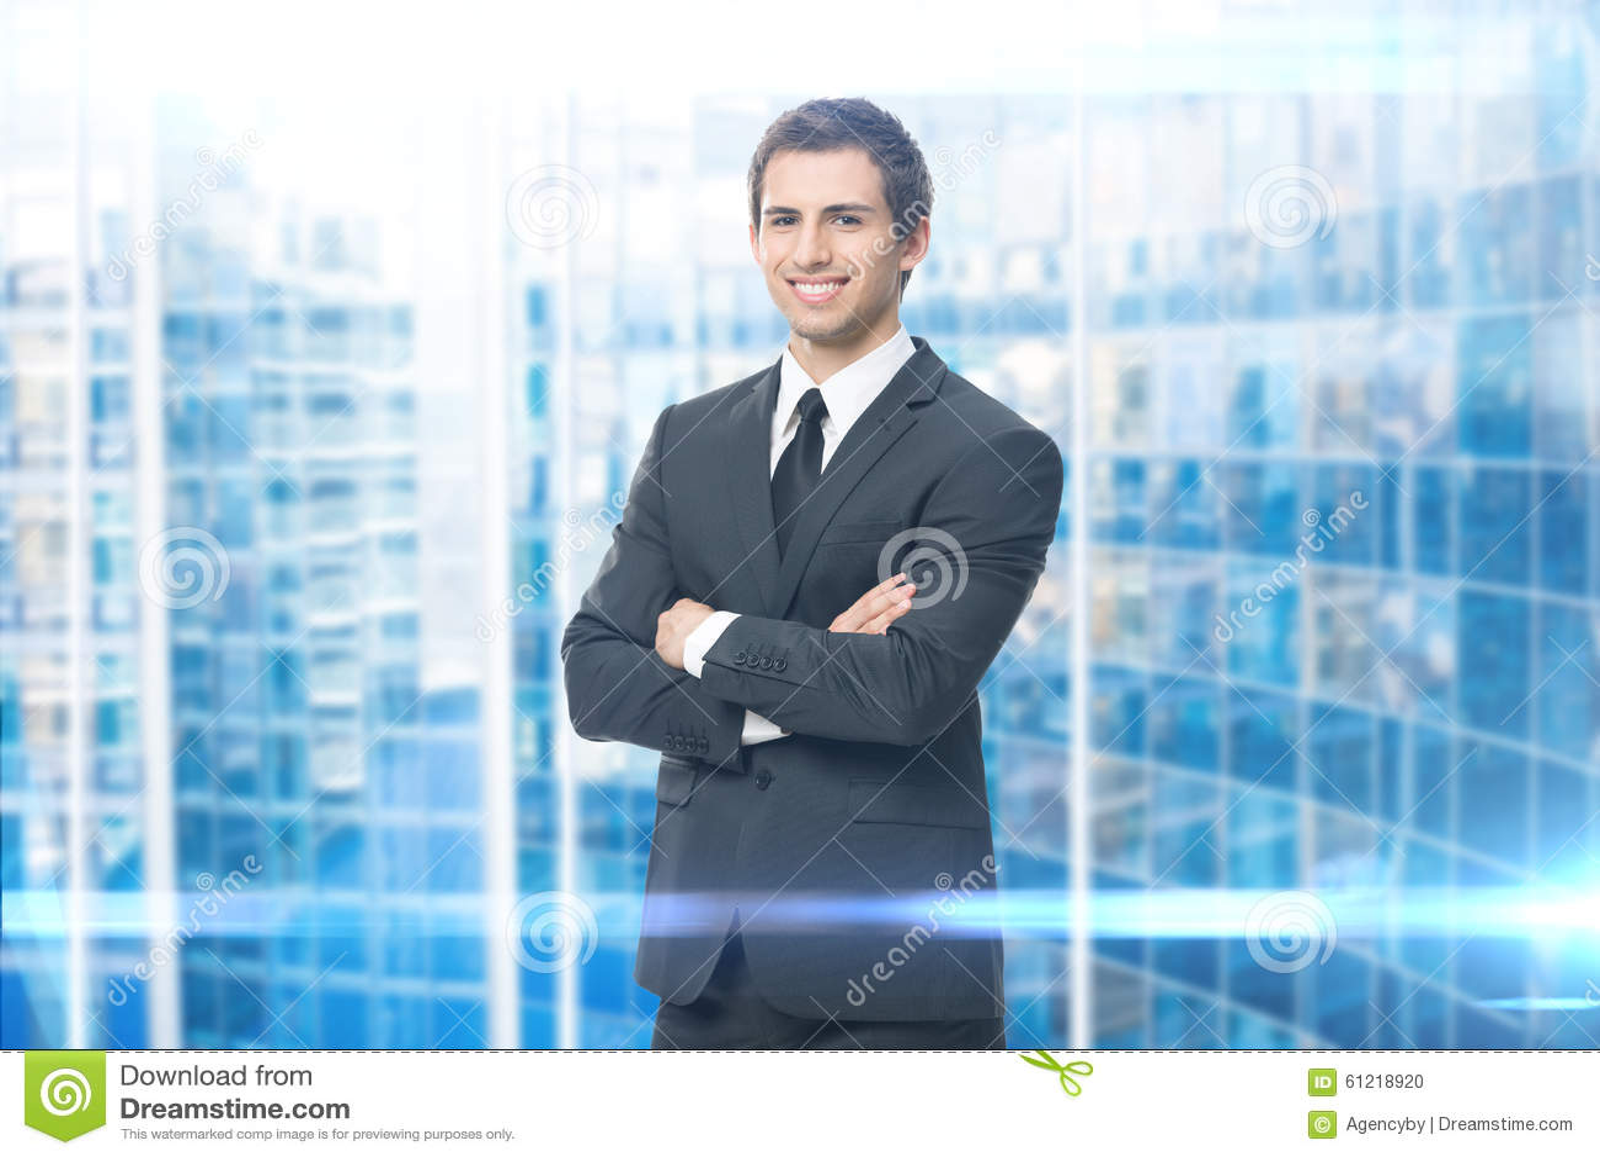 Stående av affärsmannen med korsade armar